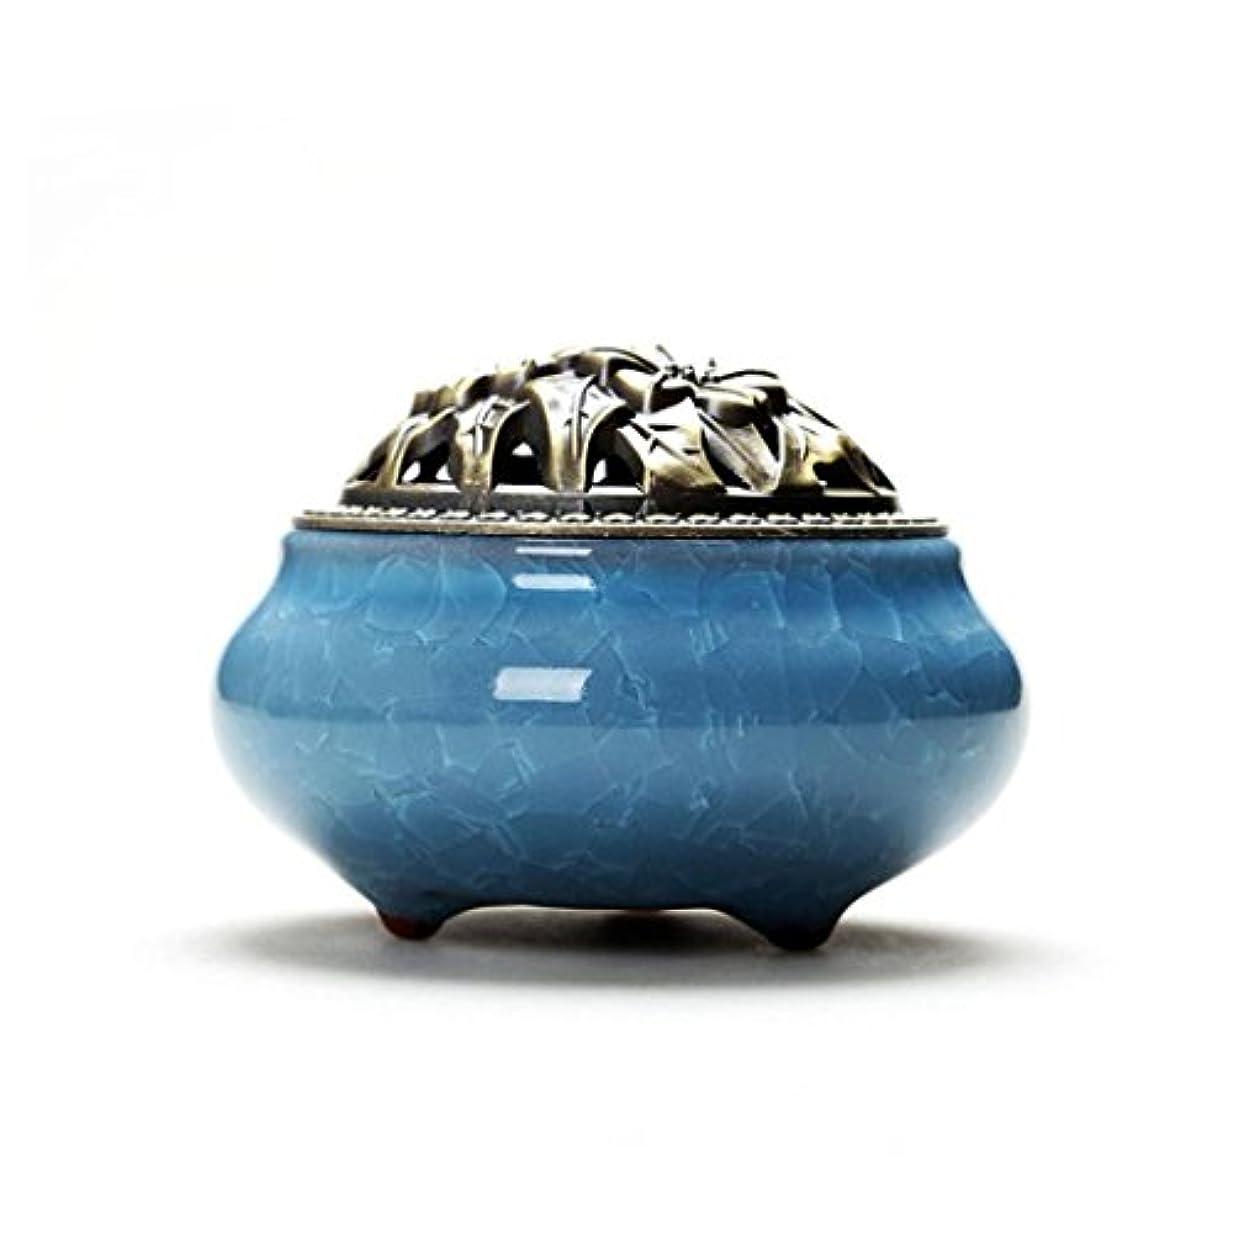 終わらせる後退するパニックAijoo 陶磁器 香炉 丸香炉 アロマ陶磁器 青磁 香立て付き アロマ アンティーク 渦巻き線香 アロマ などに 調選べる 9カラー